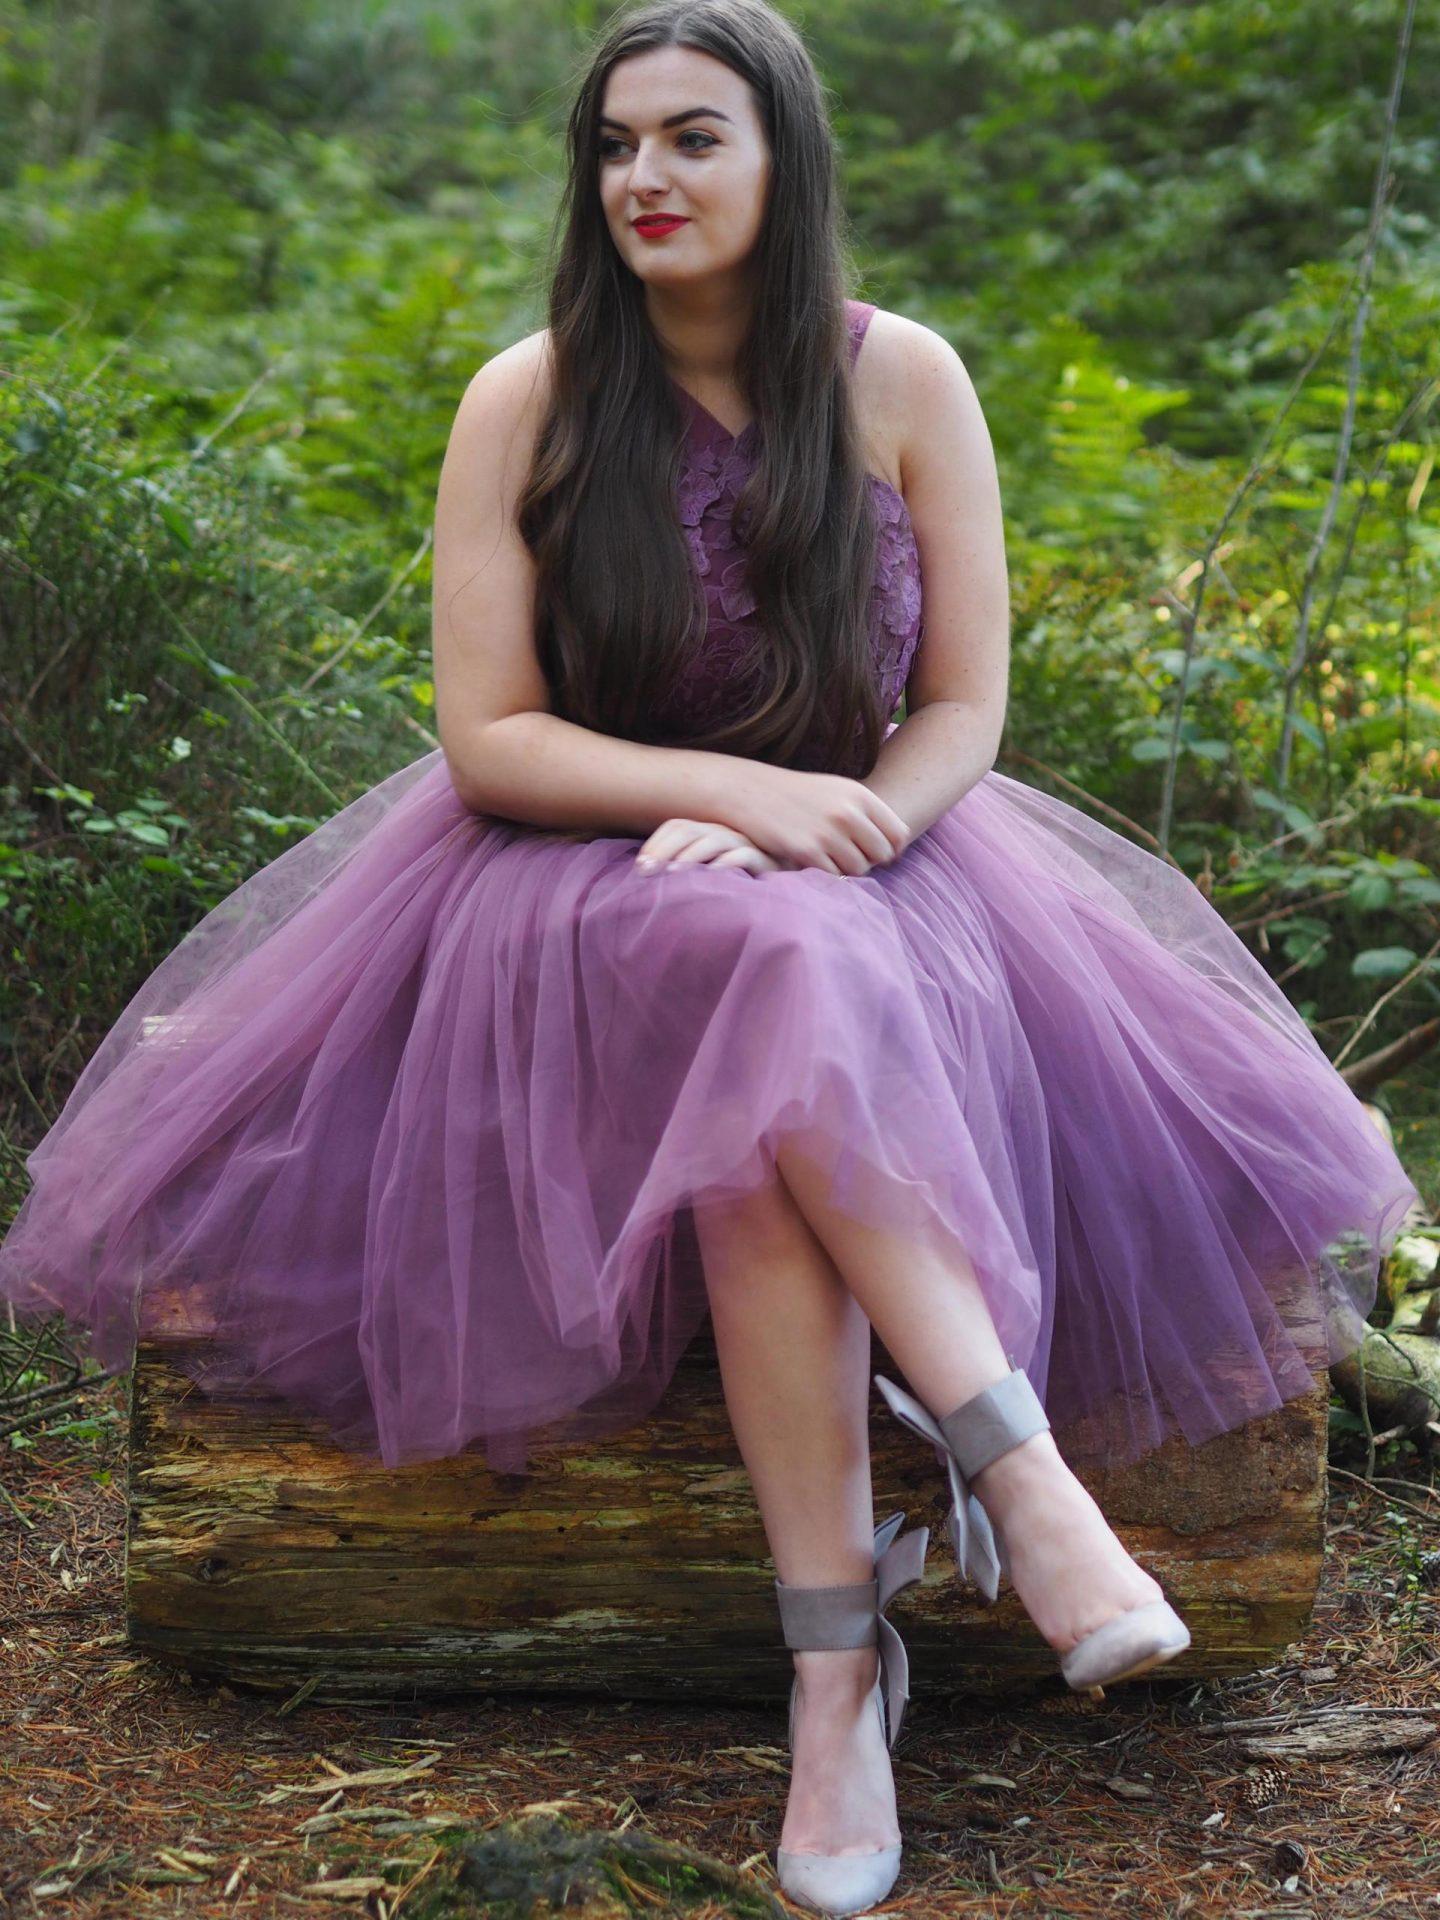 chi-chi-clothing-elif-dress-rachel-nicole-uk-blogger-7